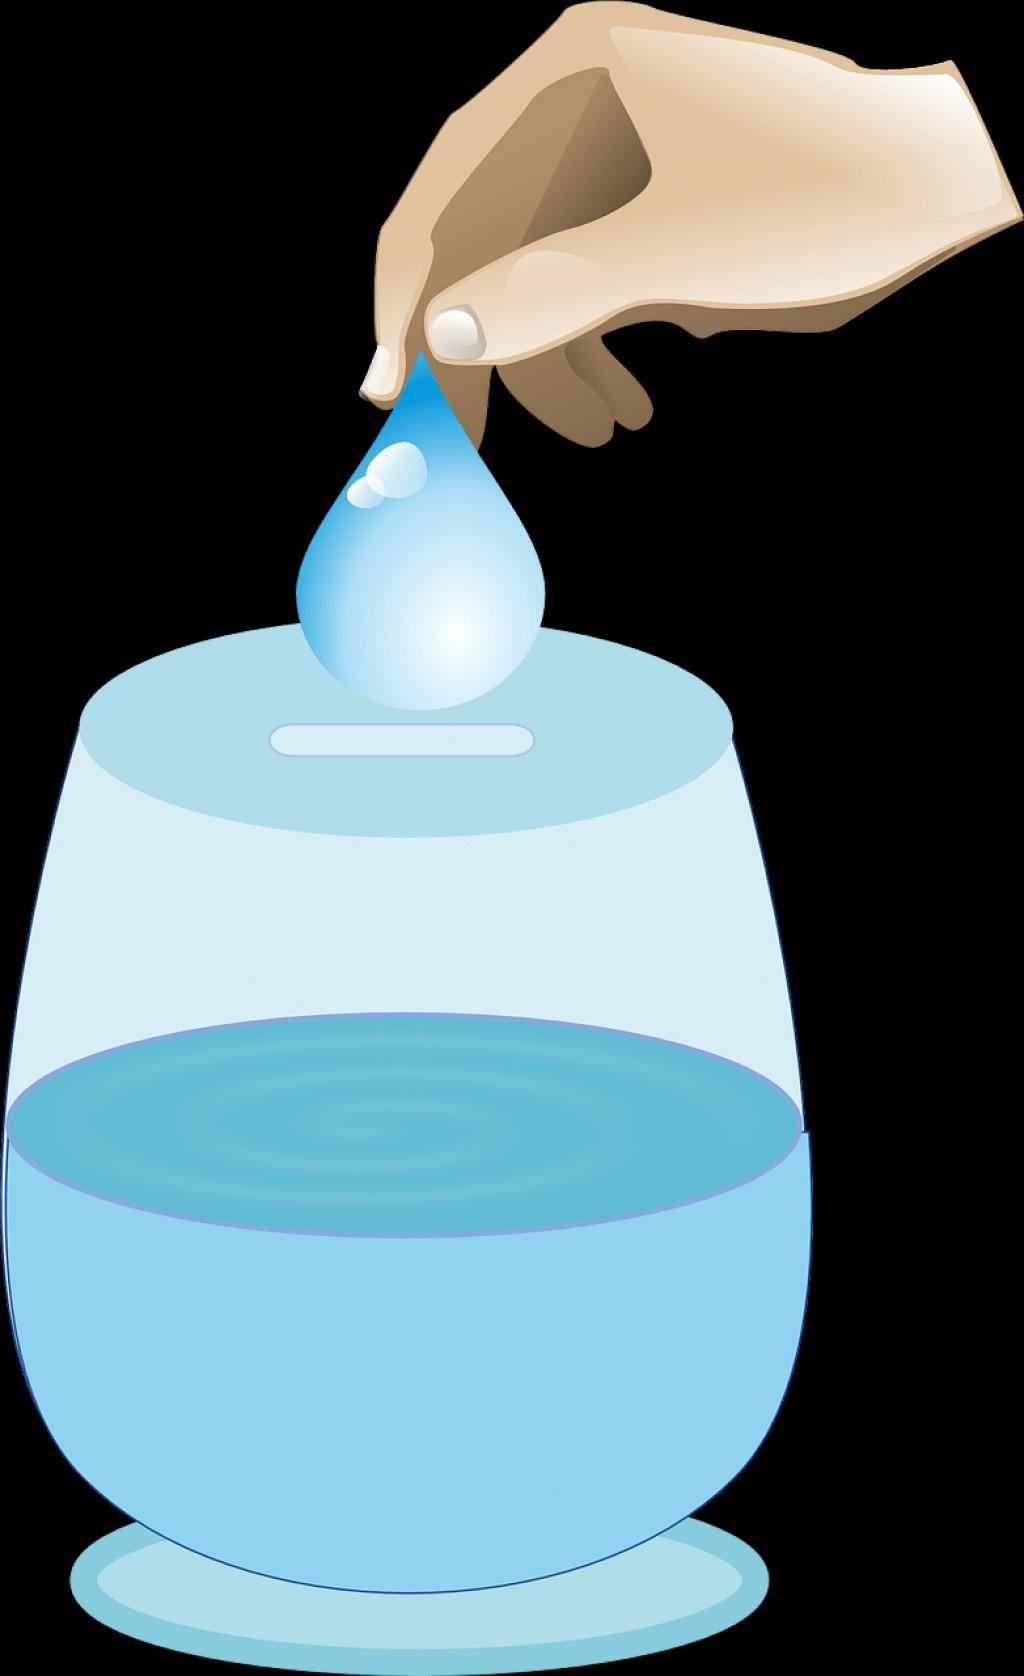 024 Save Water Essay Wikipedia 158959 1280 Awful Life In Tamil Gujarati Large